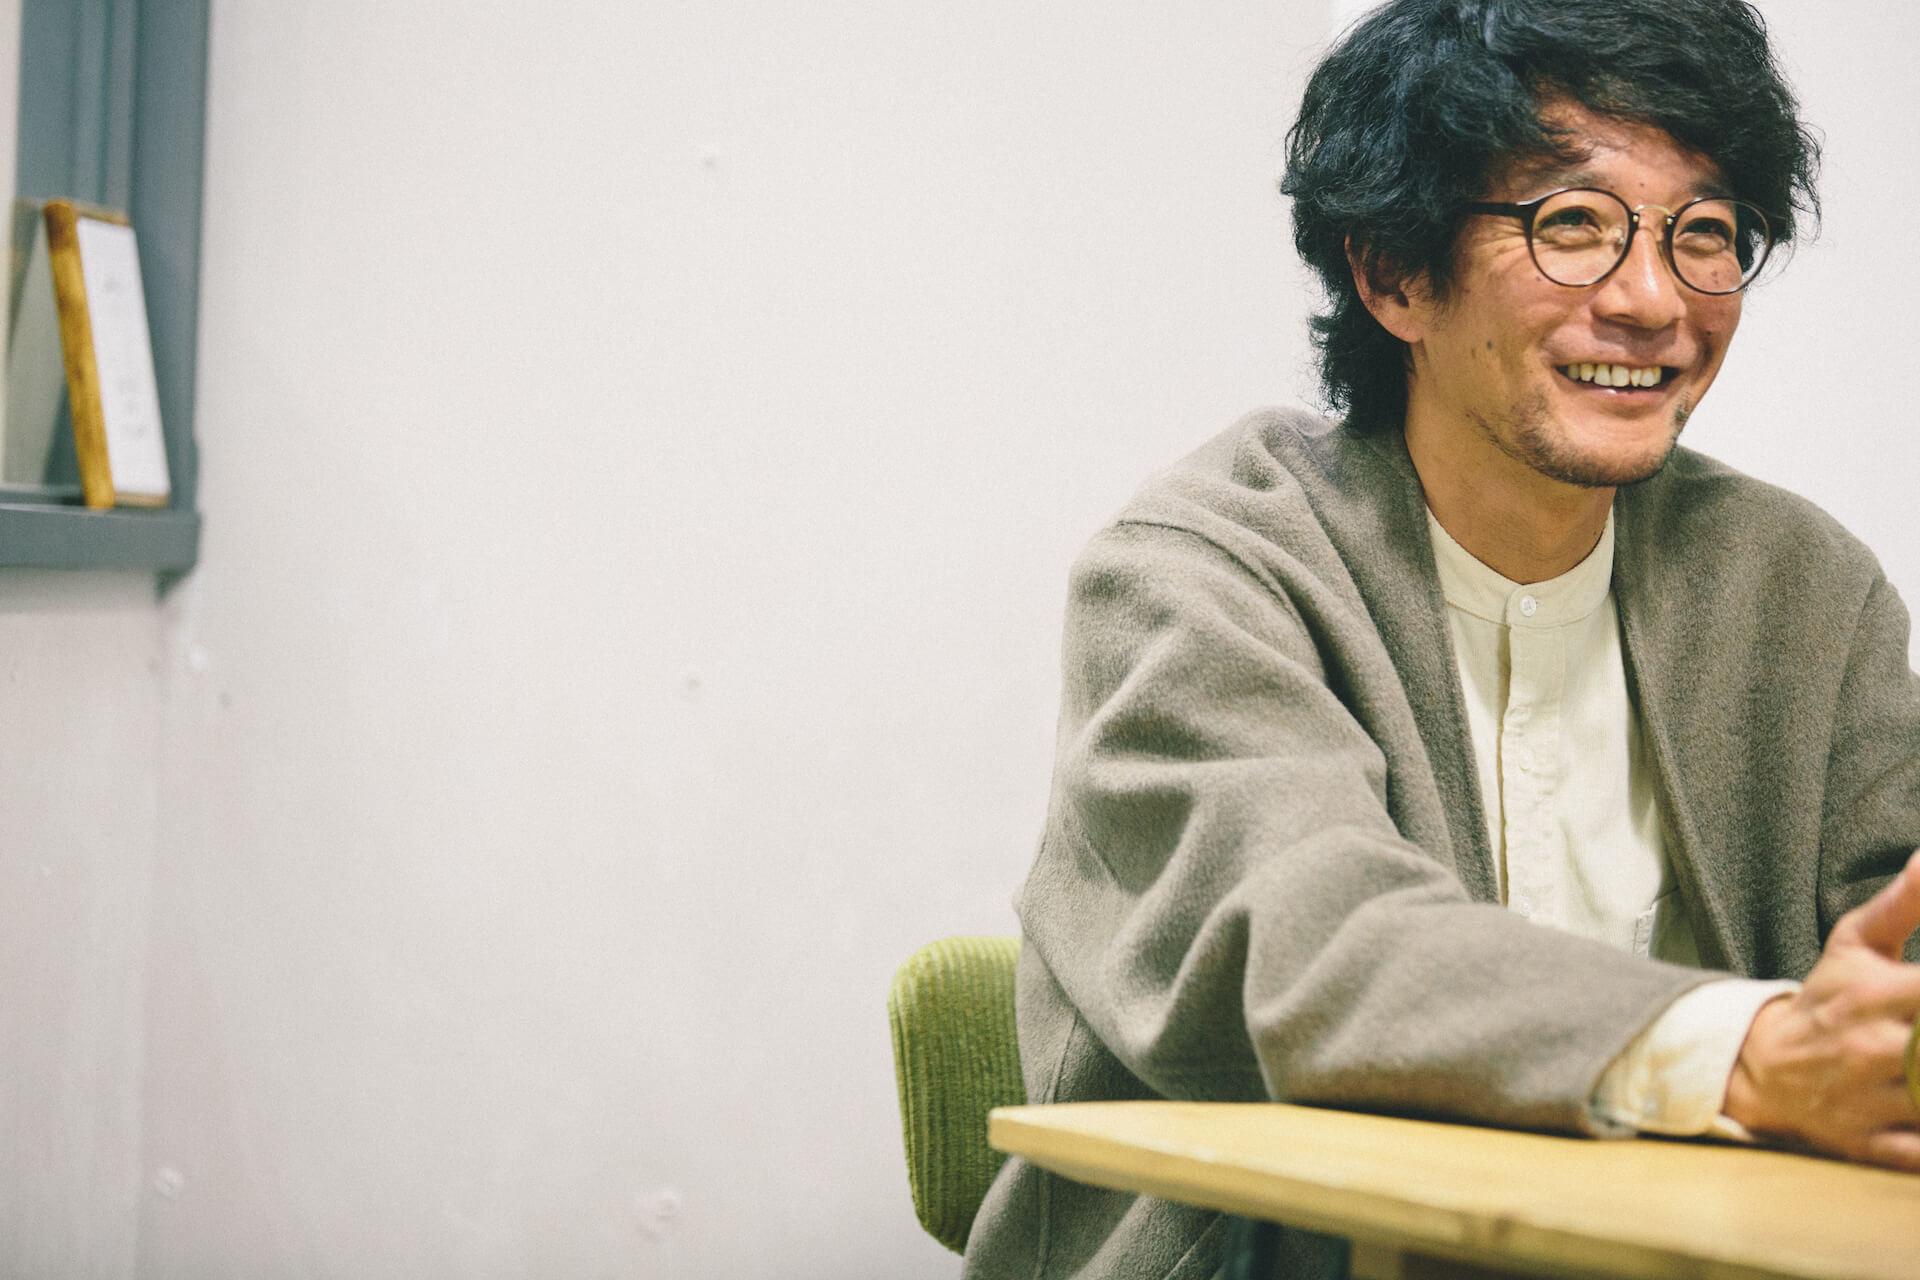 日本の絶景と極上サウンド。配信映像『THAT IS GOOD』より日本文化を世界へ発信。